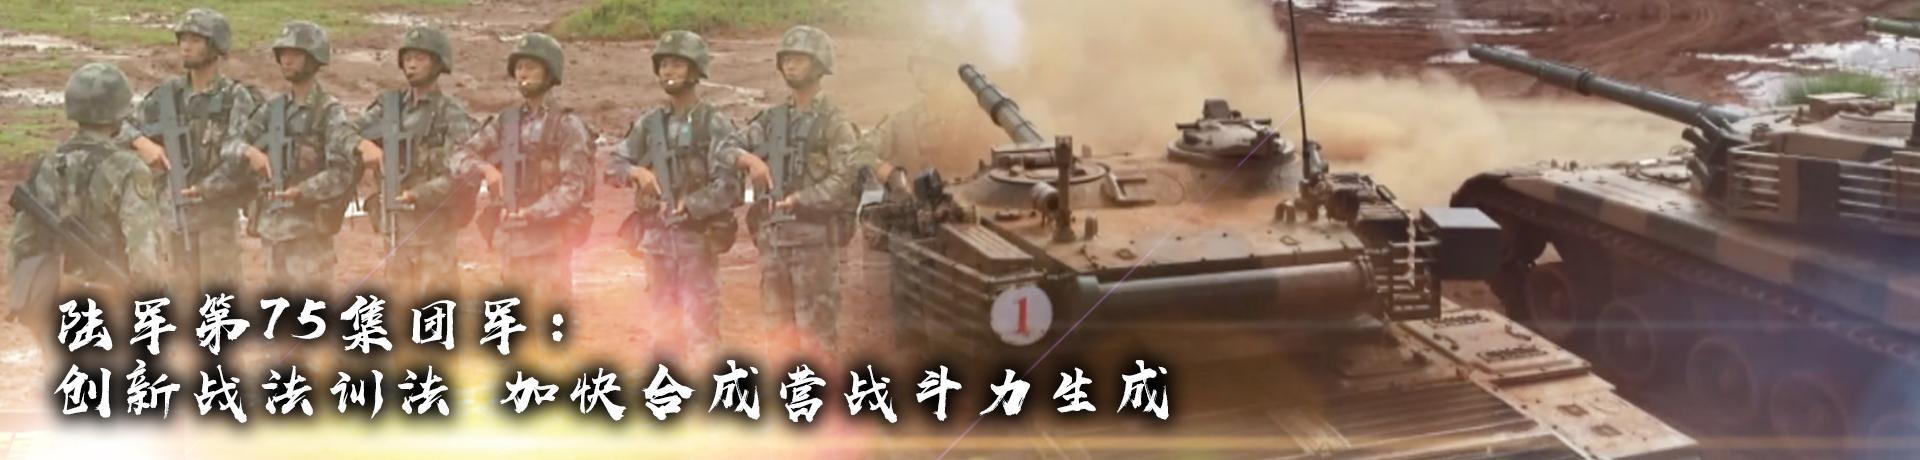 陆军第75集团军:创新战法训法 加快合成营战斗力生成